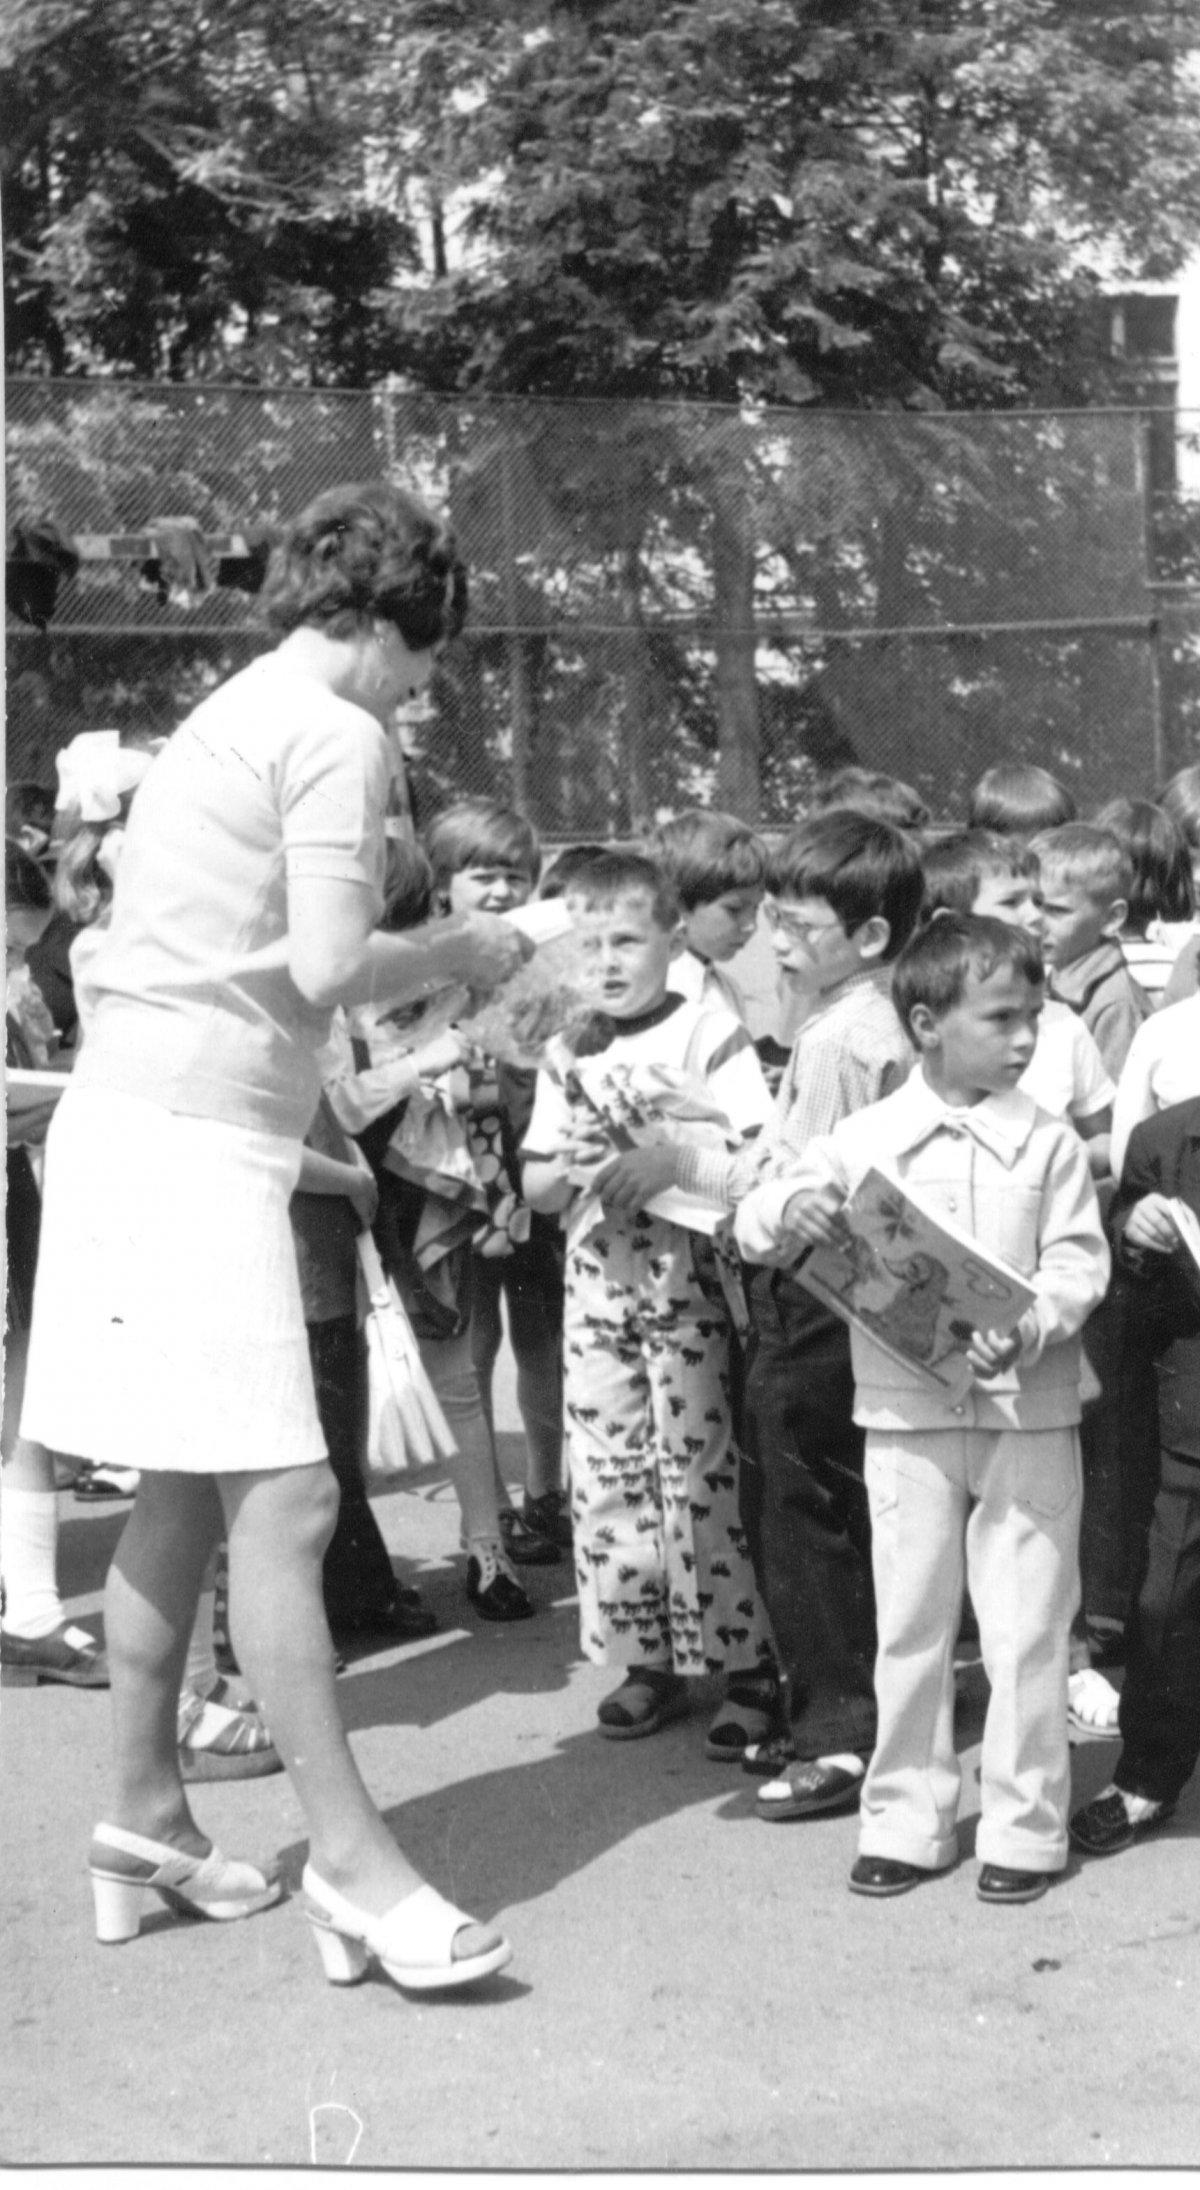 Évzáró ünnepély első osztályban, 1976-ban. A fotó tulajdonosa: Keszler Róbert (A Csíki iskolák múltja című, 2005-ben szervezett iskolatörténeti kiállítás anyagából) •  Fotó: Daczó Katalin gyűjtése